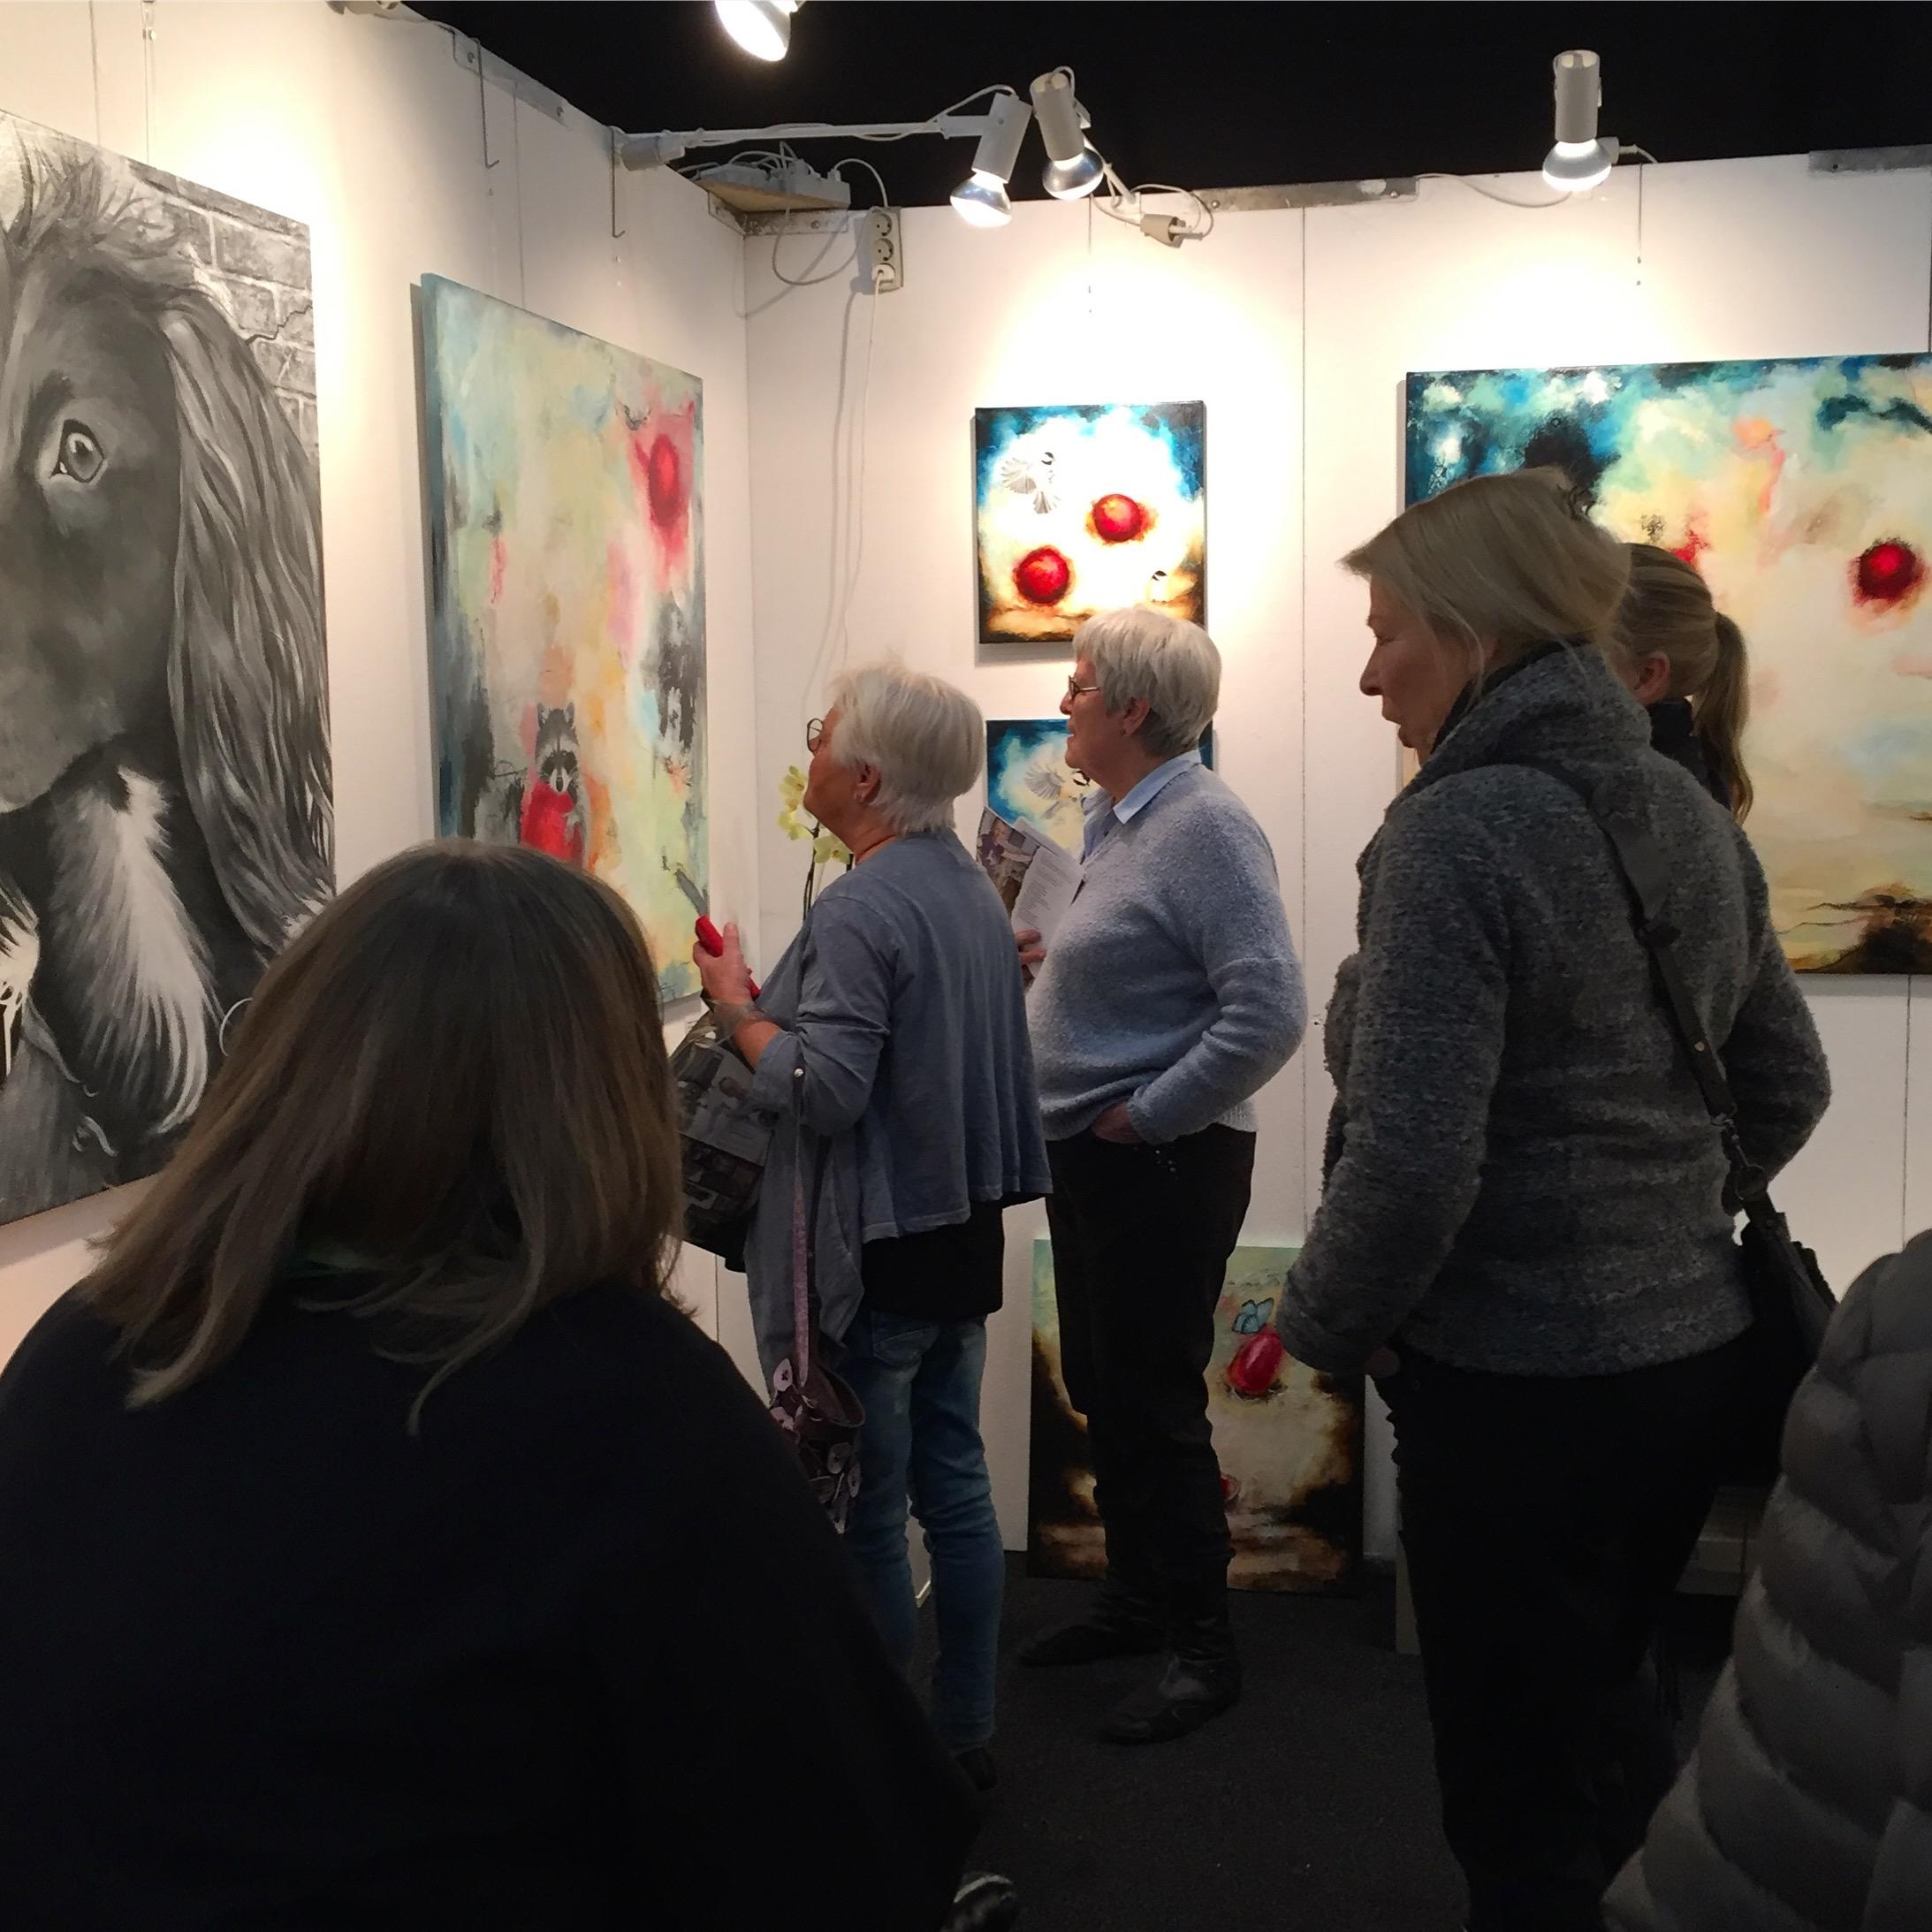 Kunst udstillingpå Hillerød kunstdage 2017